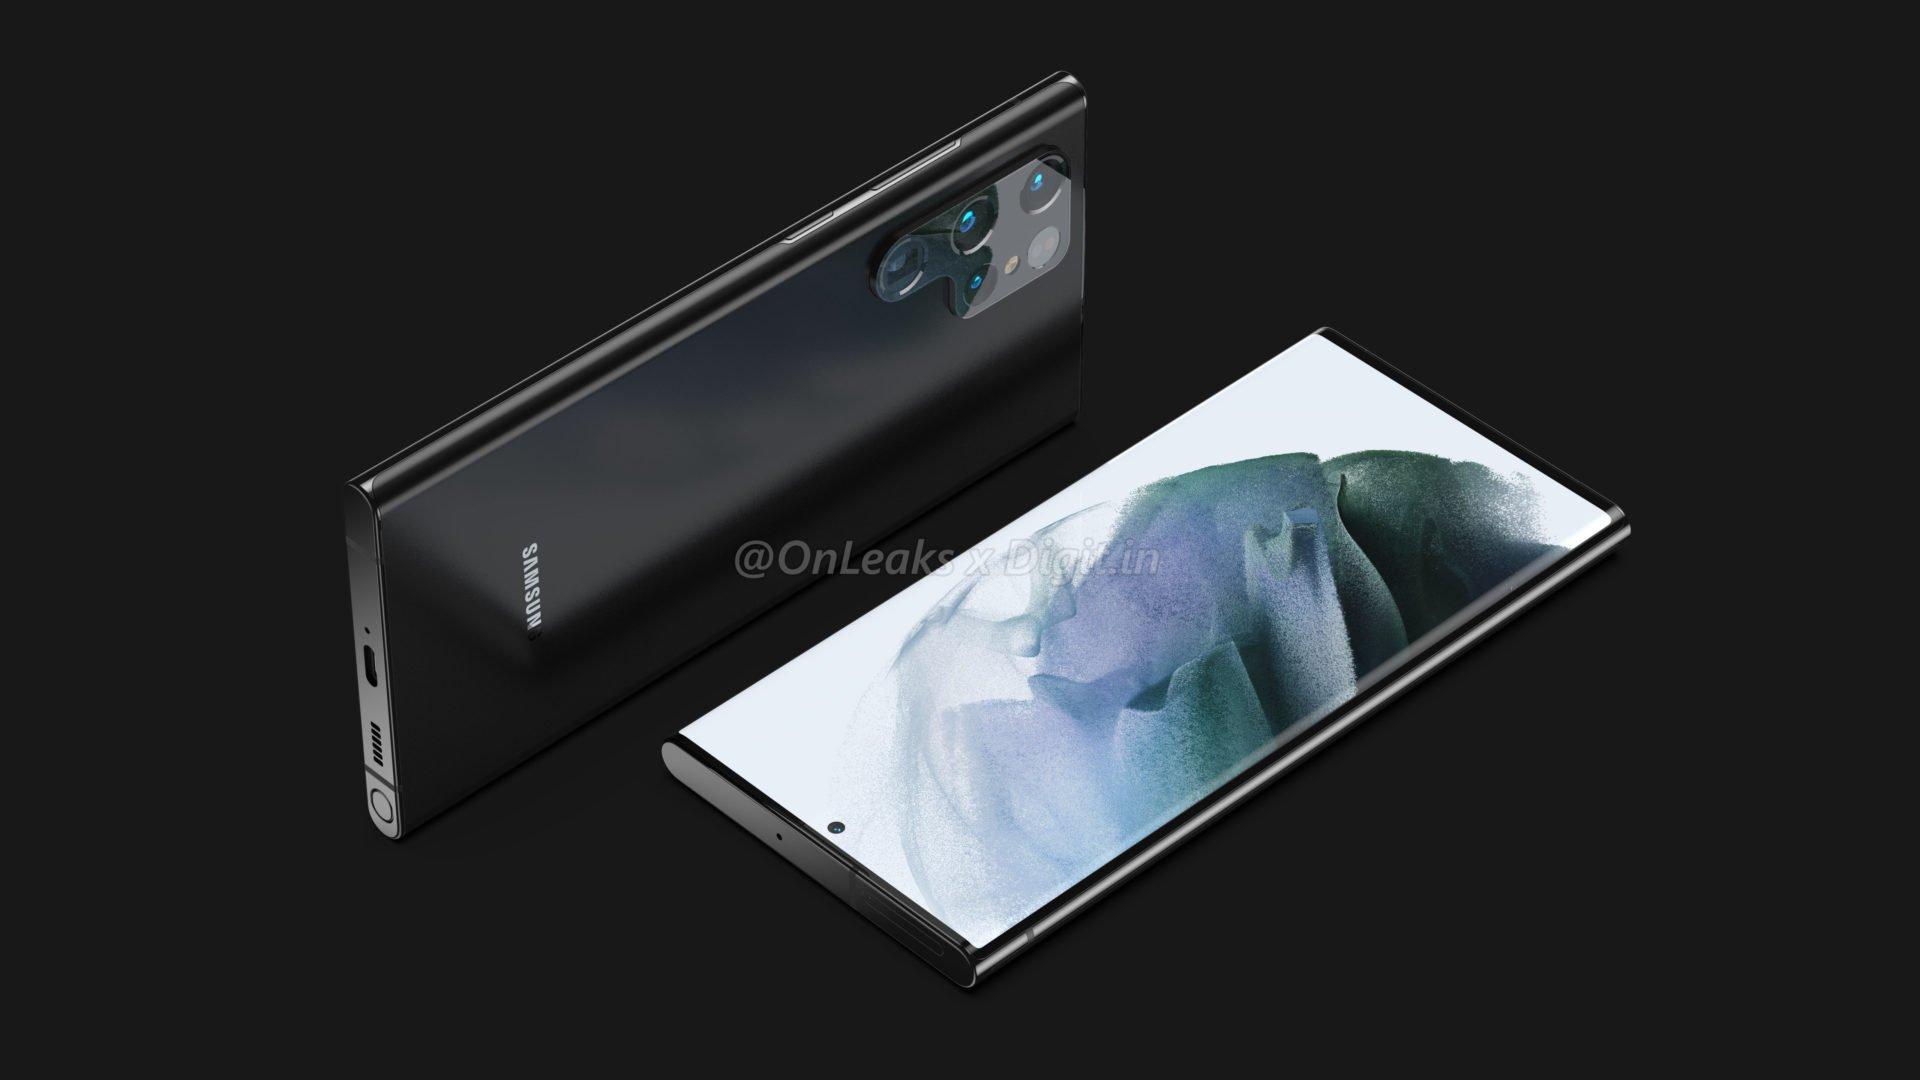 Samsung Galaxy S22: Θα κατασκευαστούν 20 εκ. μονάδες